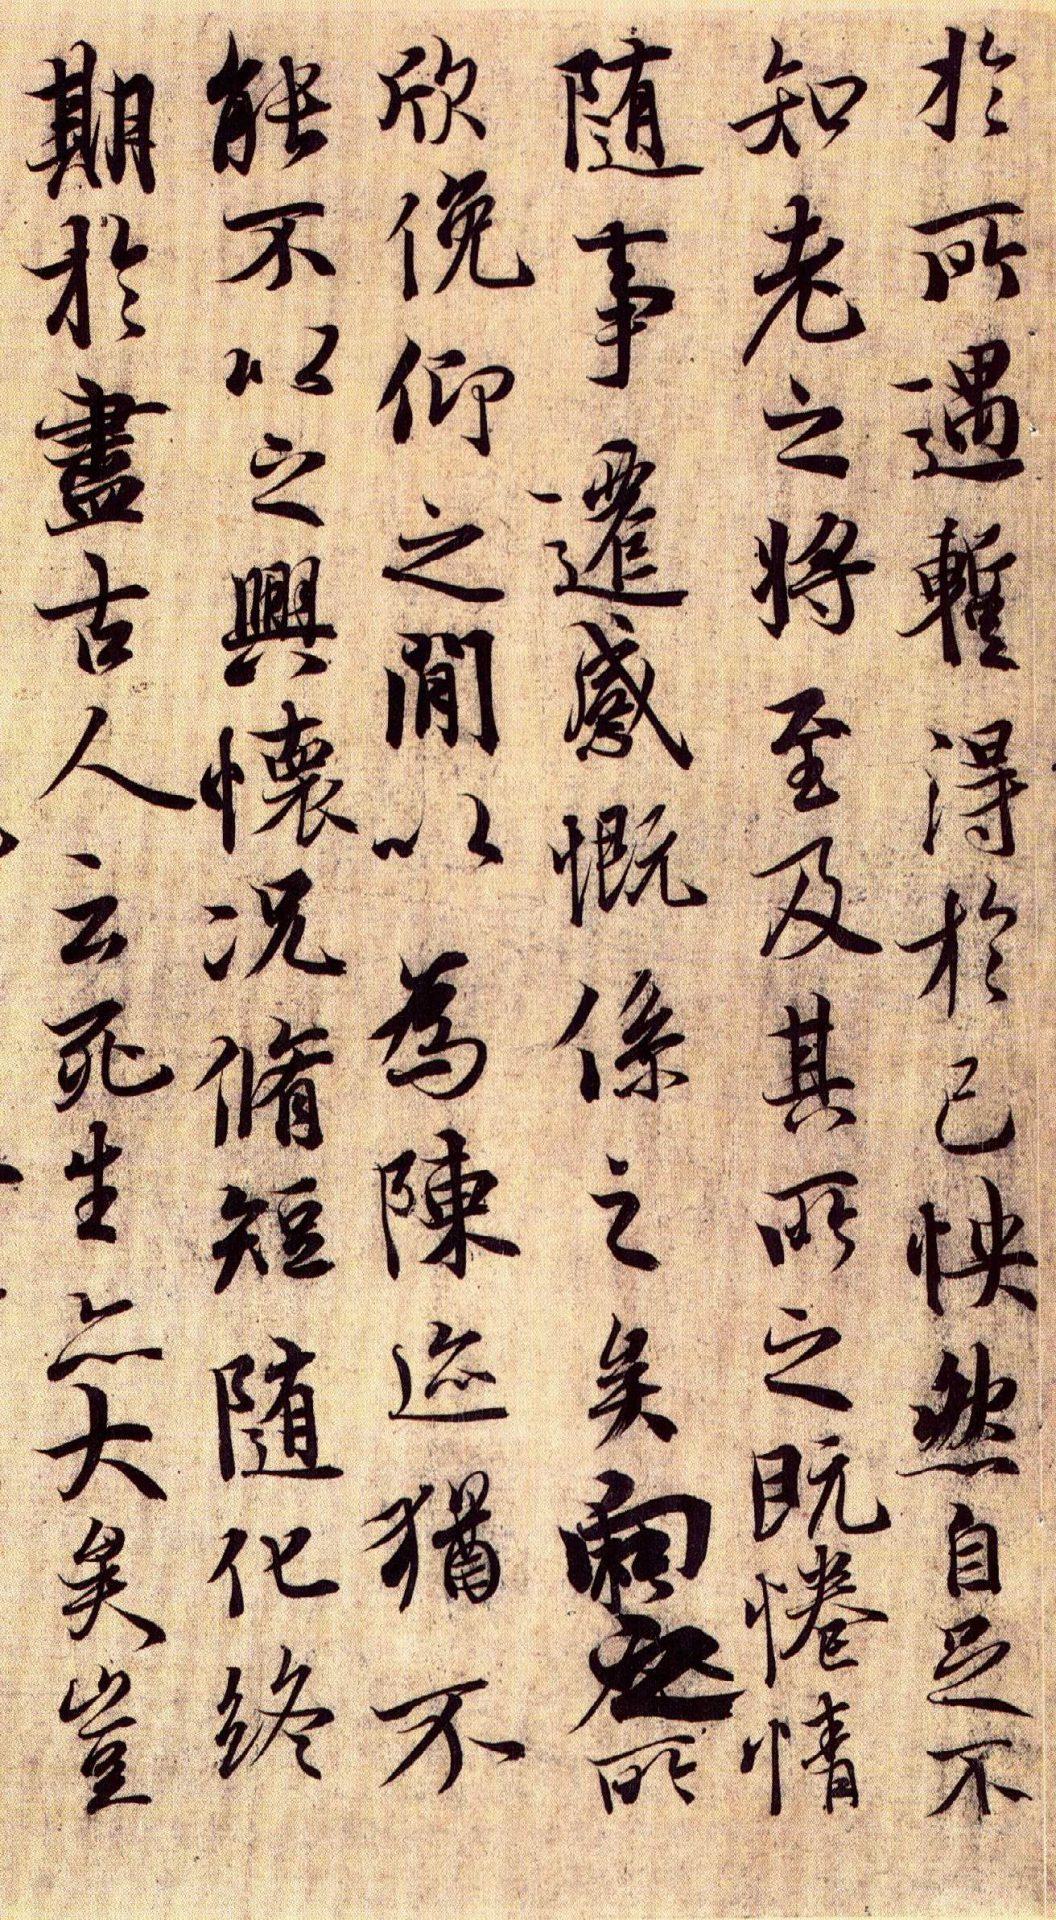 Scrisoare chinezeasca